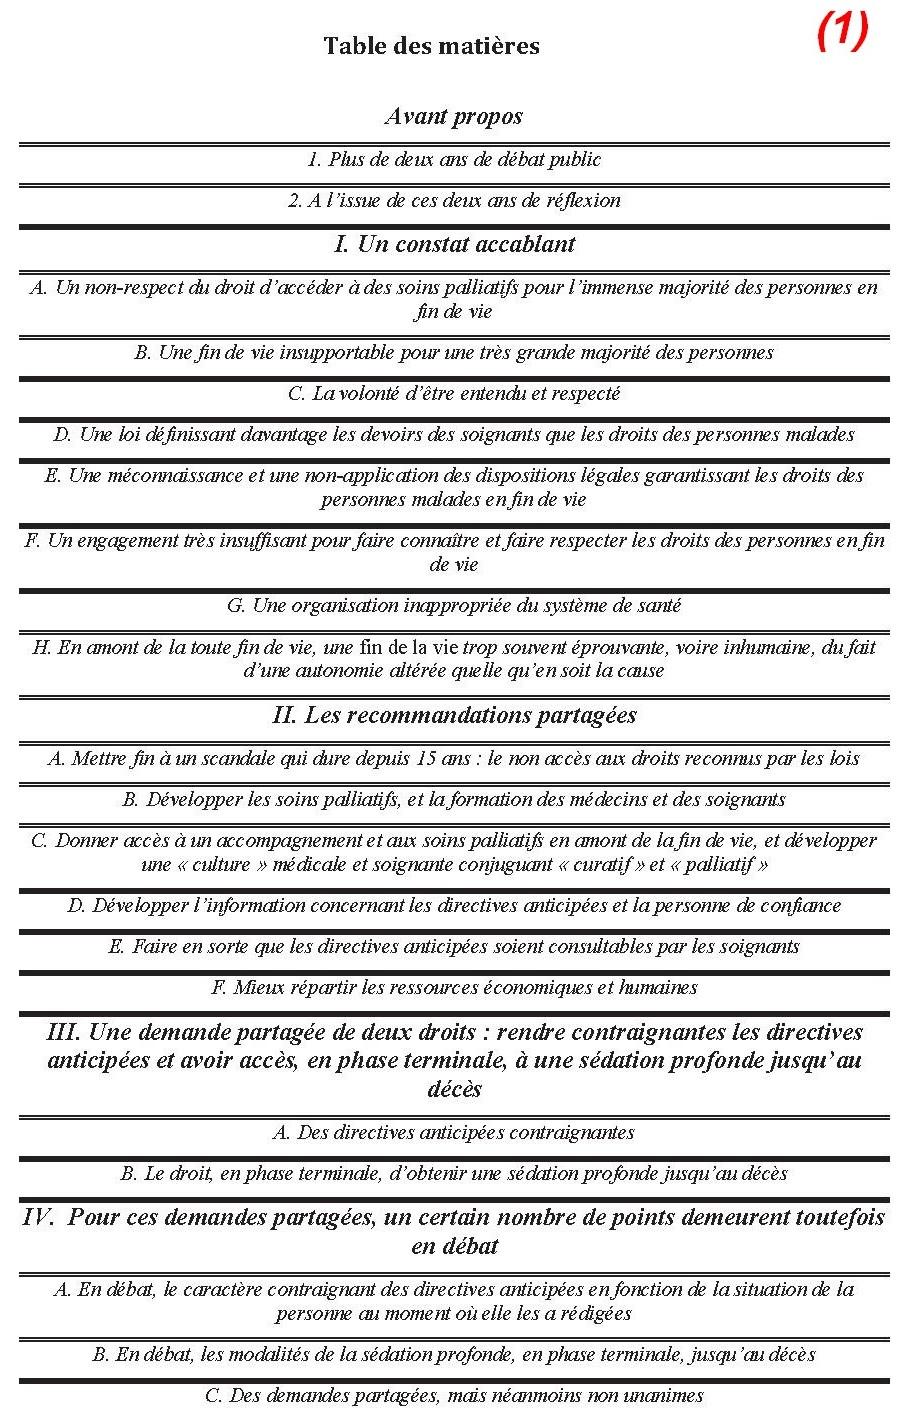 Rapport du comit consultatif national d ethique ccne sur le d bat public concernant la fin de vie